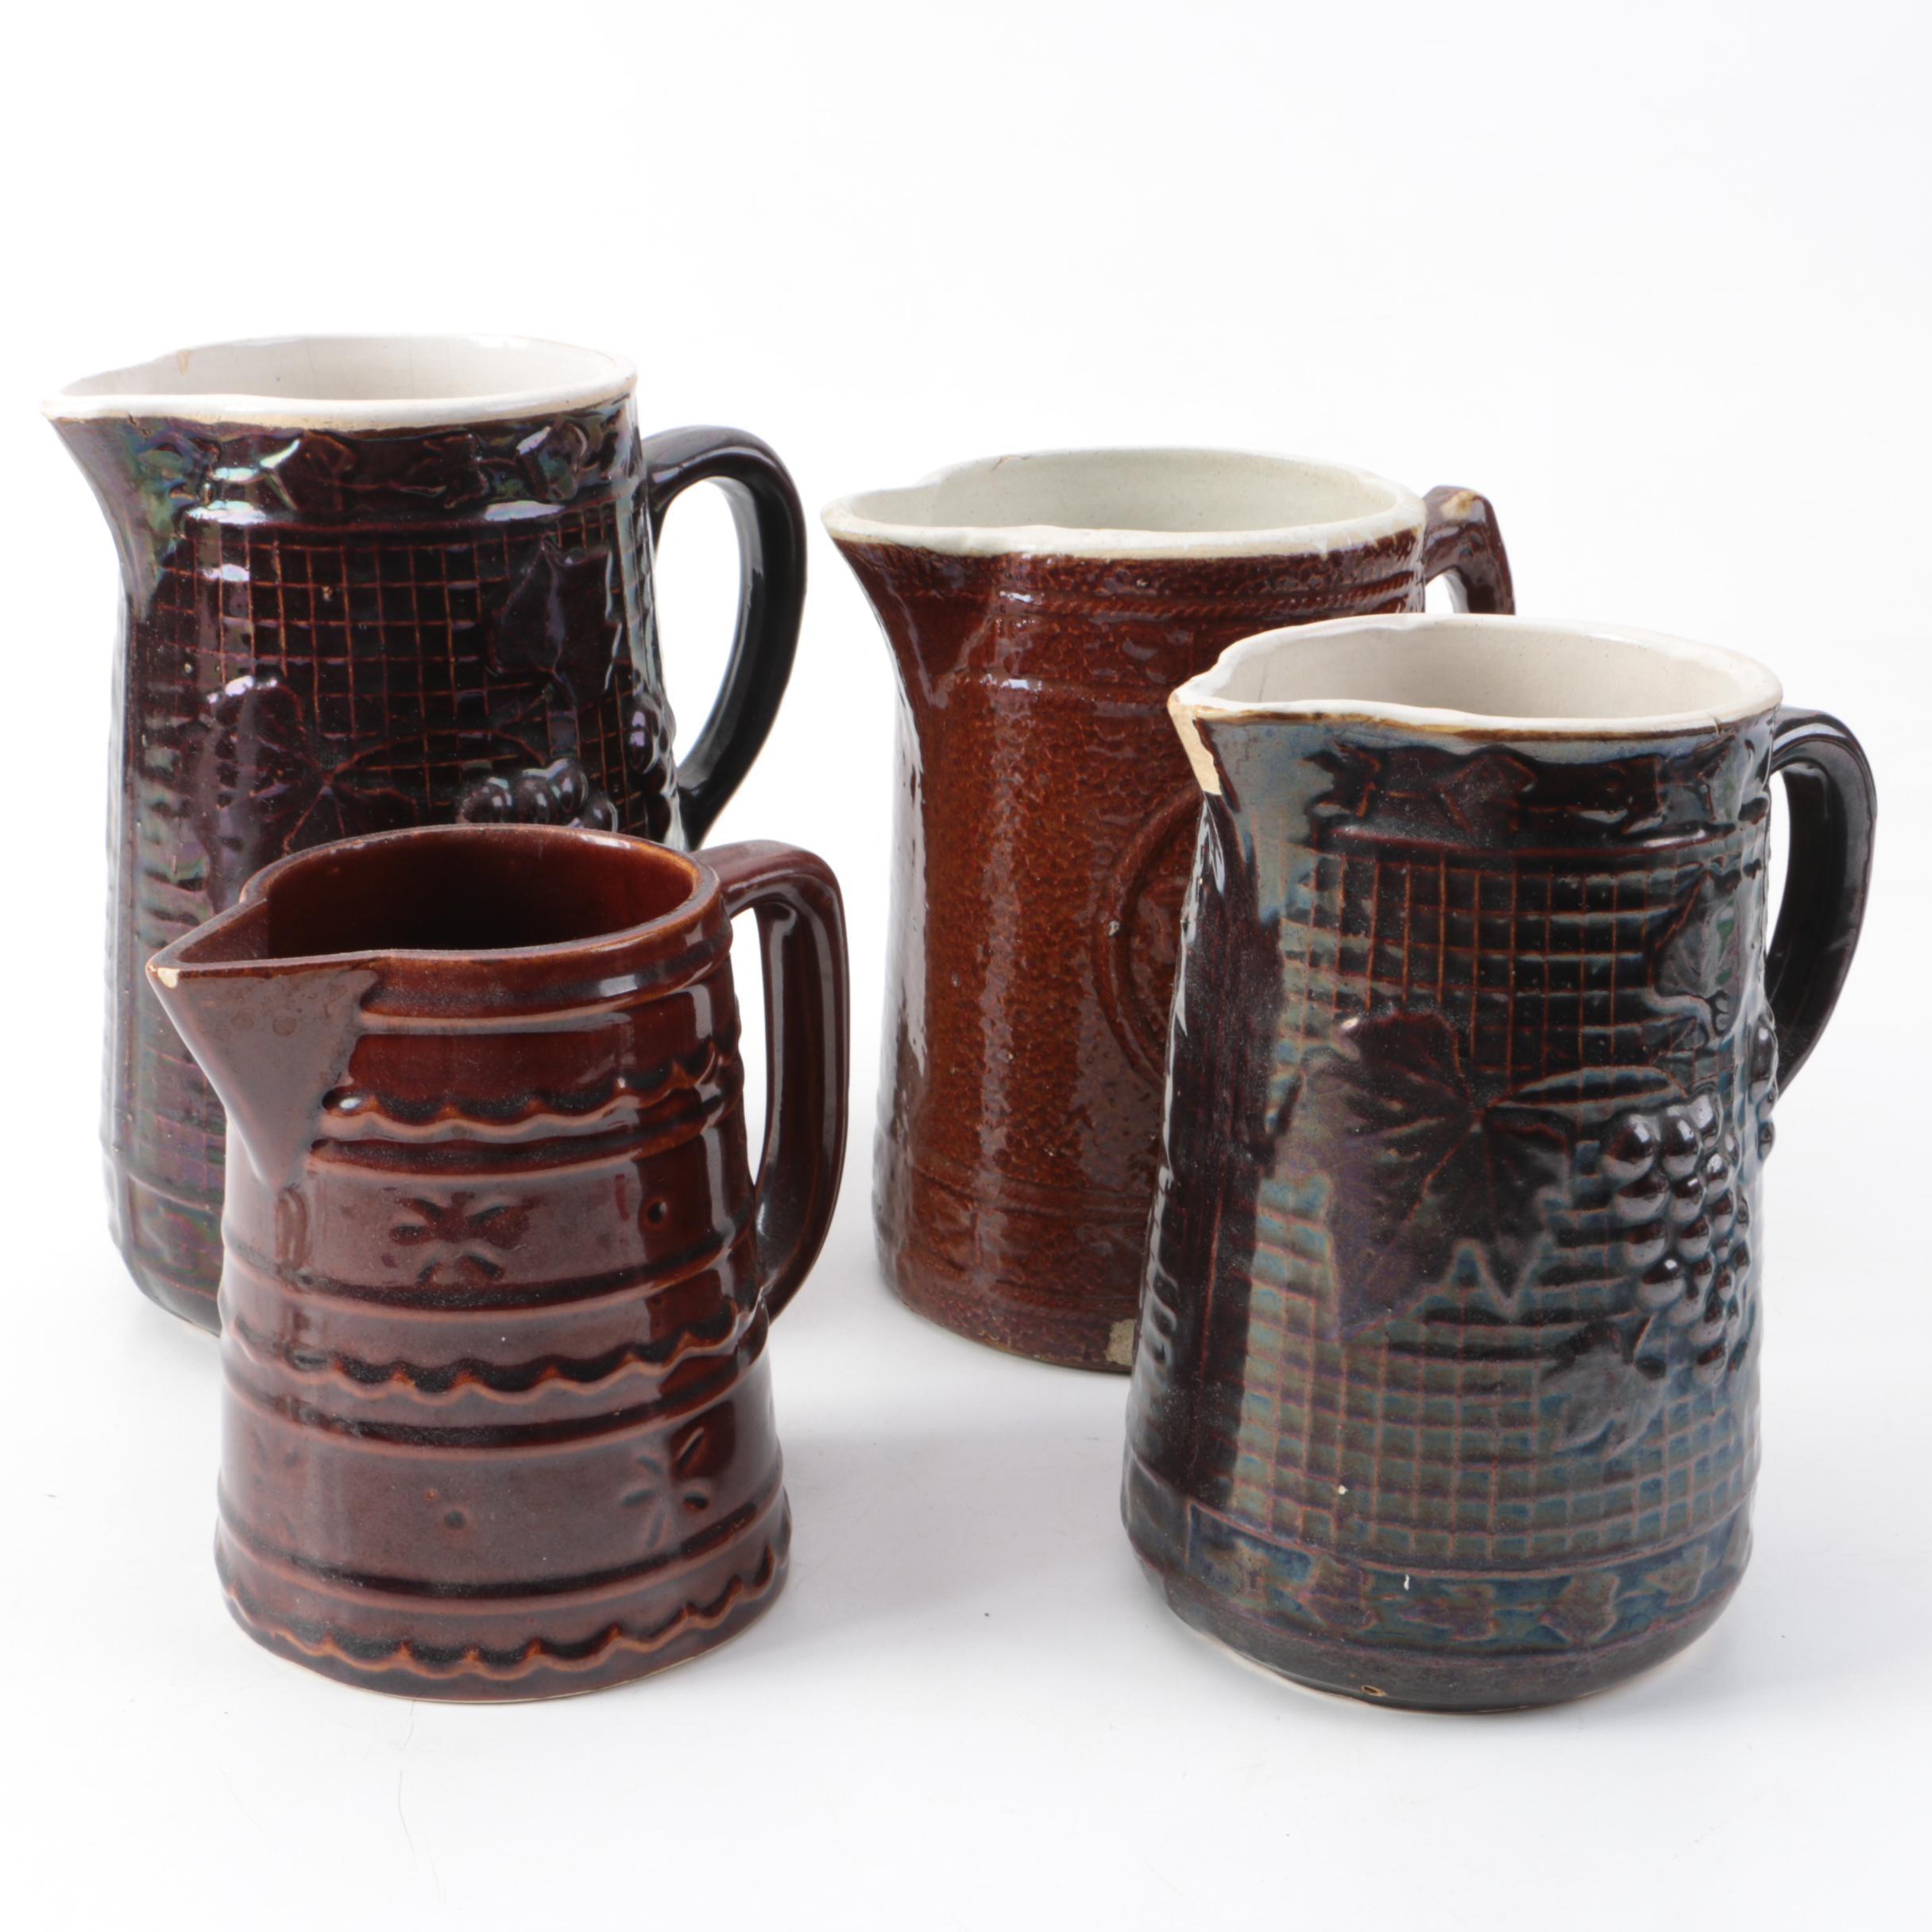 Handled Stoneware Mugs Including Marcrest Stoneware